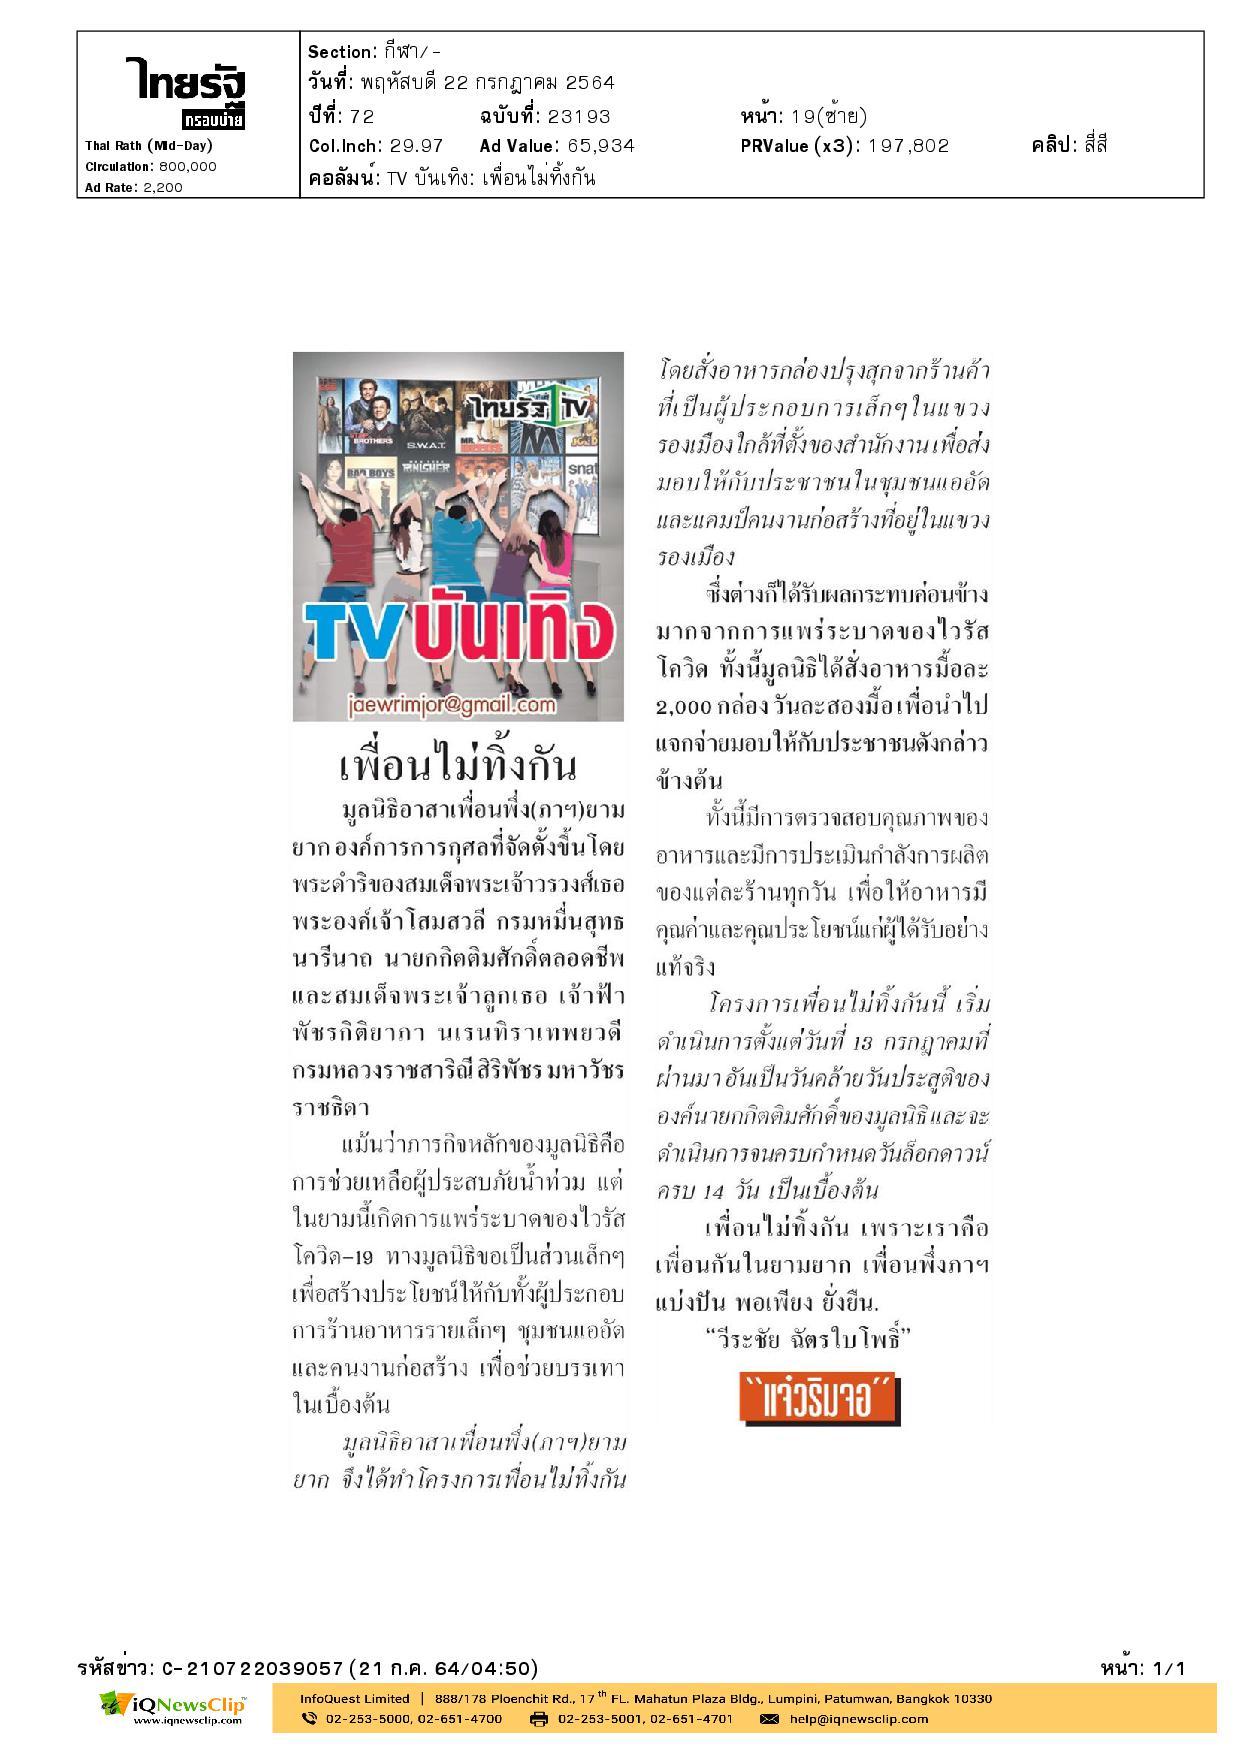 """มูลนิธิอาสาเพื่อนพึ่ง (ภาฯ) ยามยาก สภากาชาดไทย จัดโครงการ """"เพื่อนพึ่งพา เพราะเพื่อนไม่ทิ้งกัน"""""""